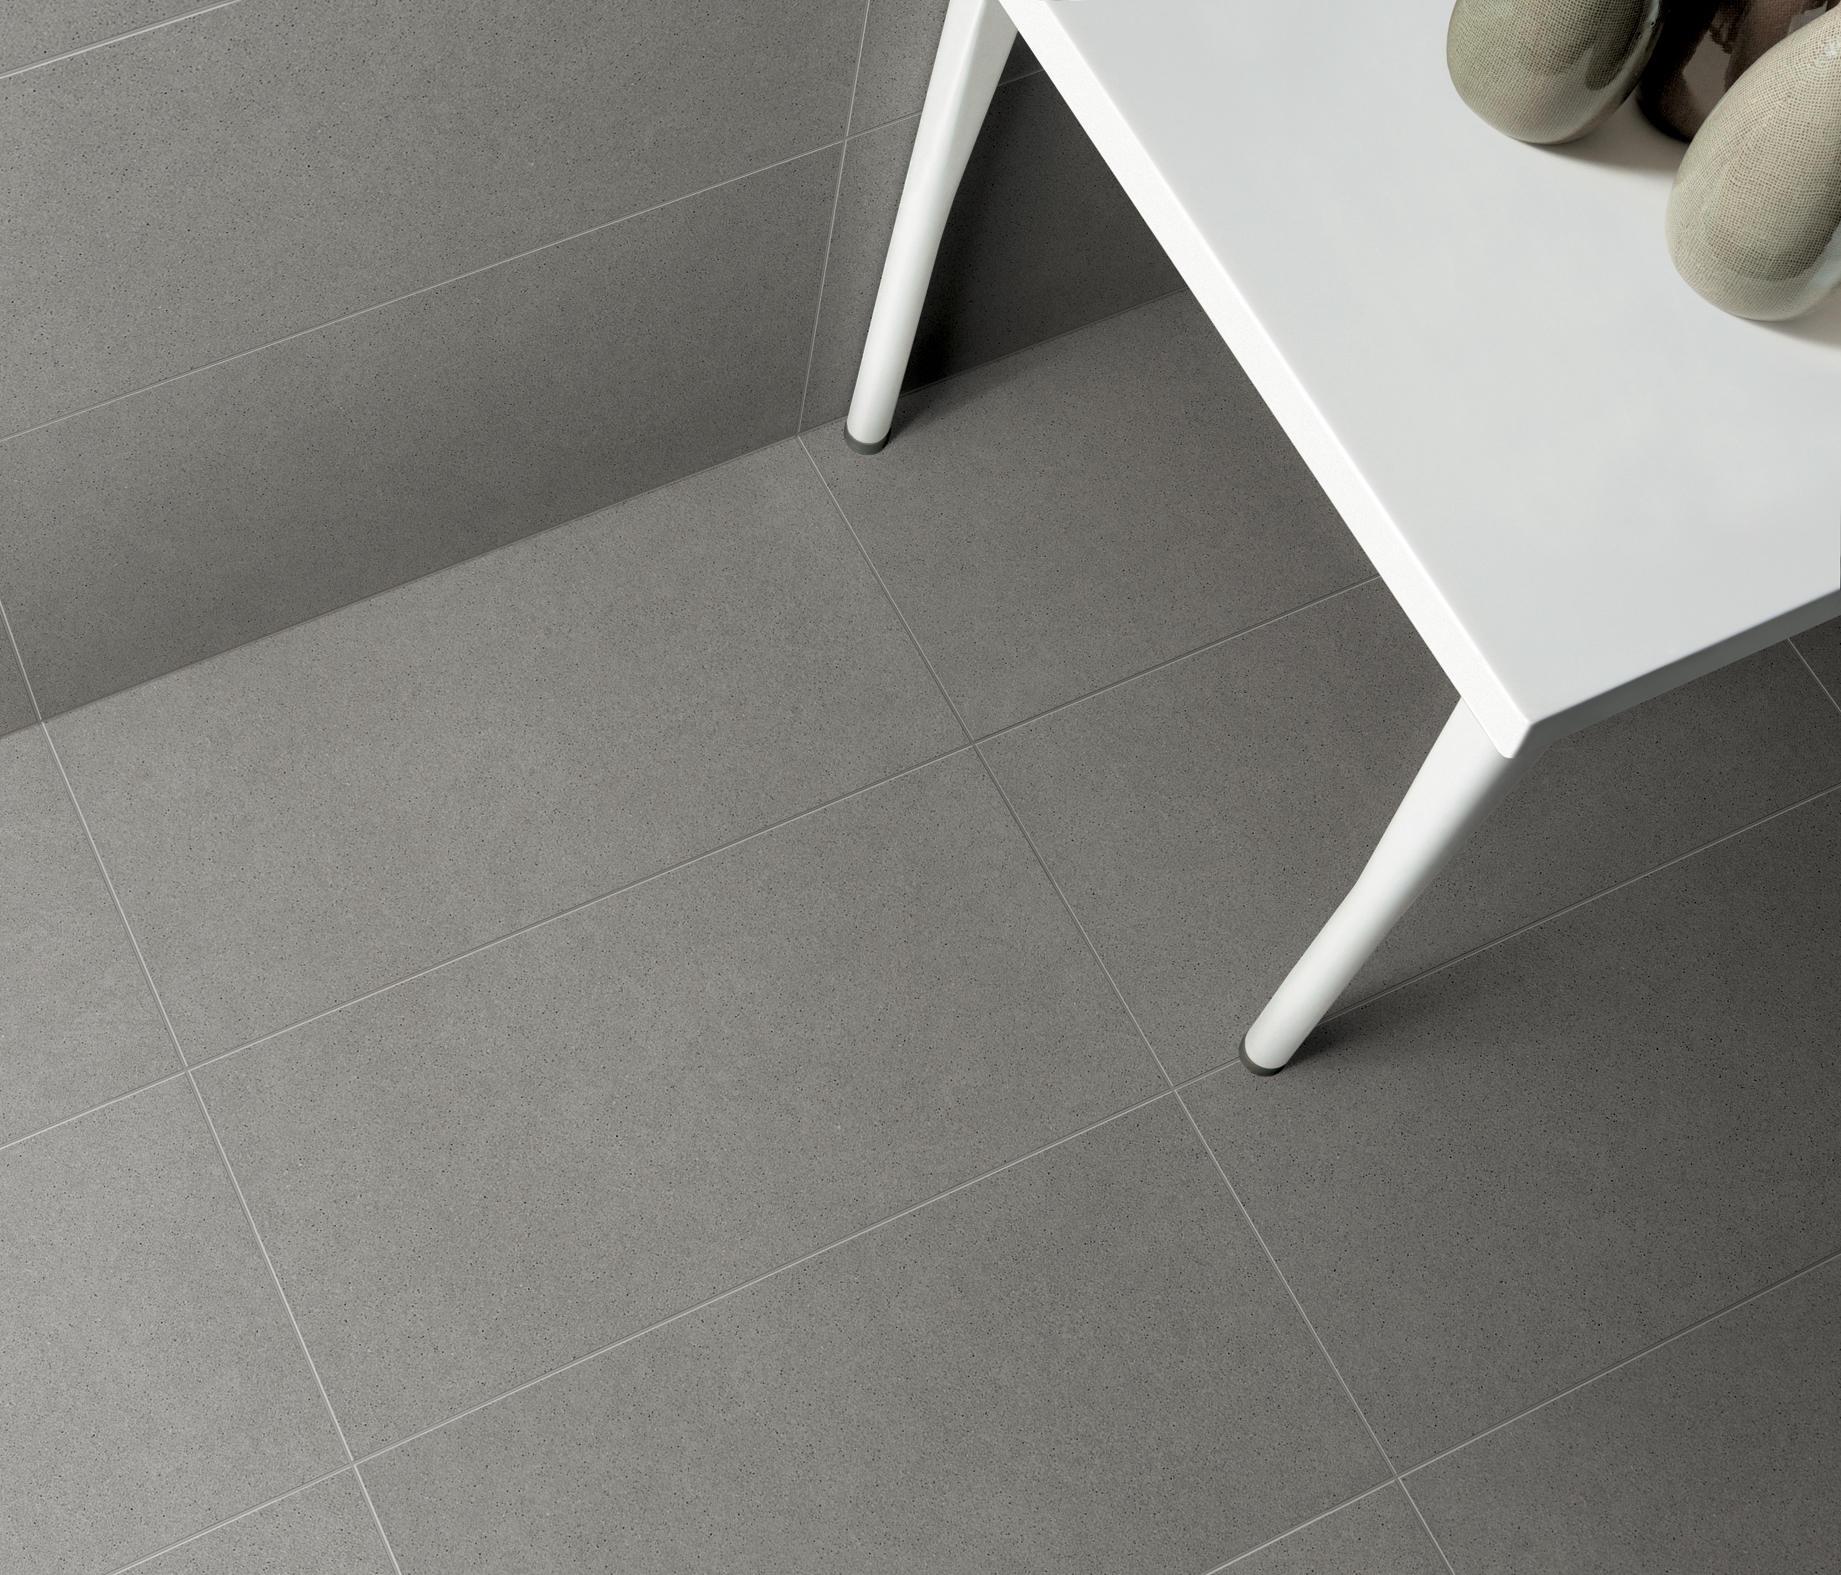 ccs lithos carrelage pour sol de caesar architonic. Black Bedroom Furniture Sets. Home Design Ideas